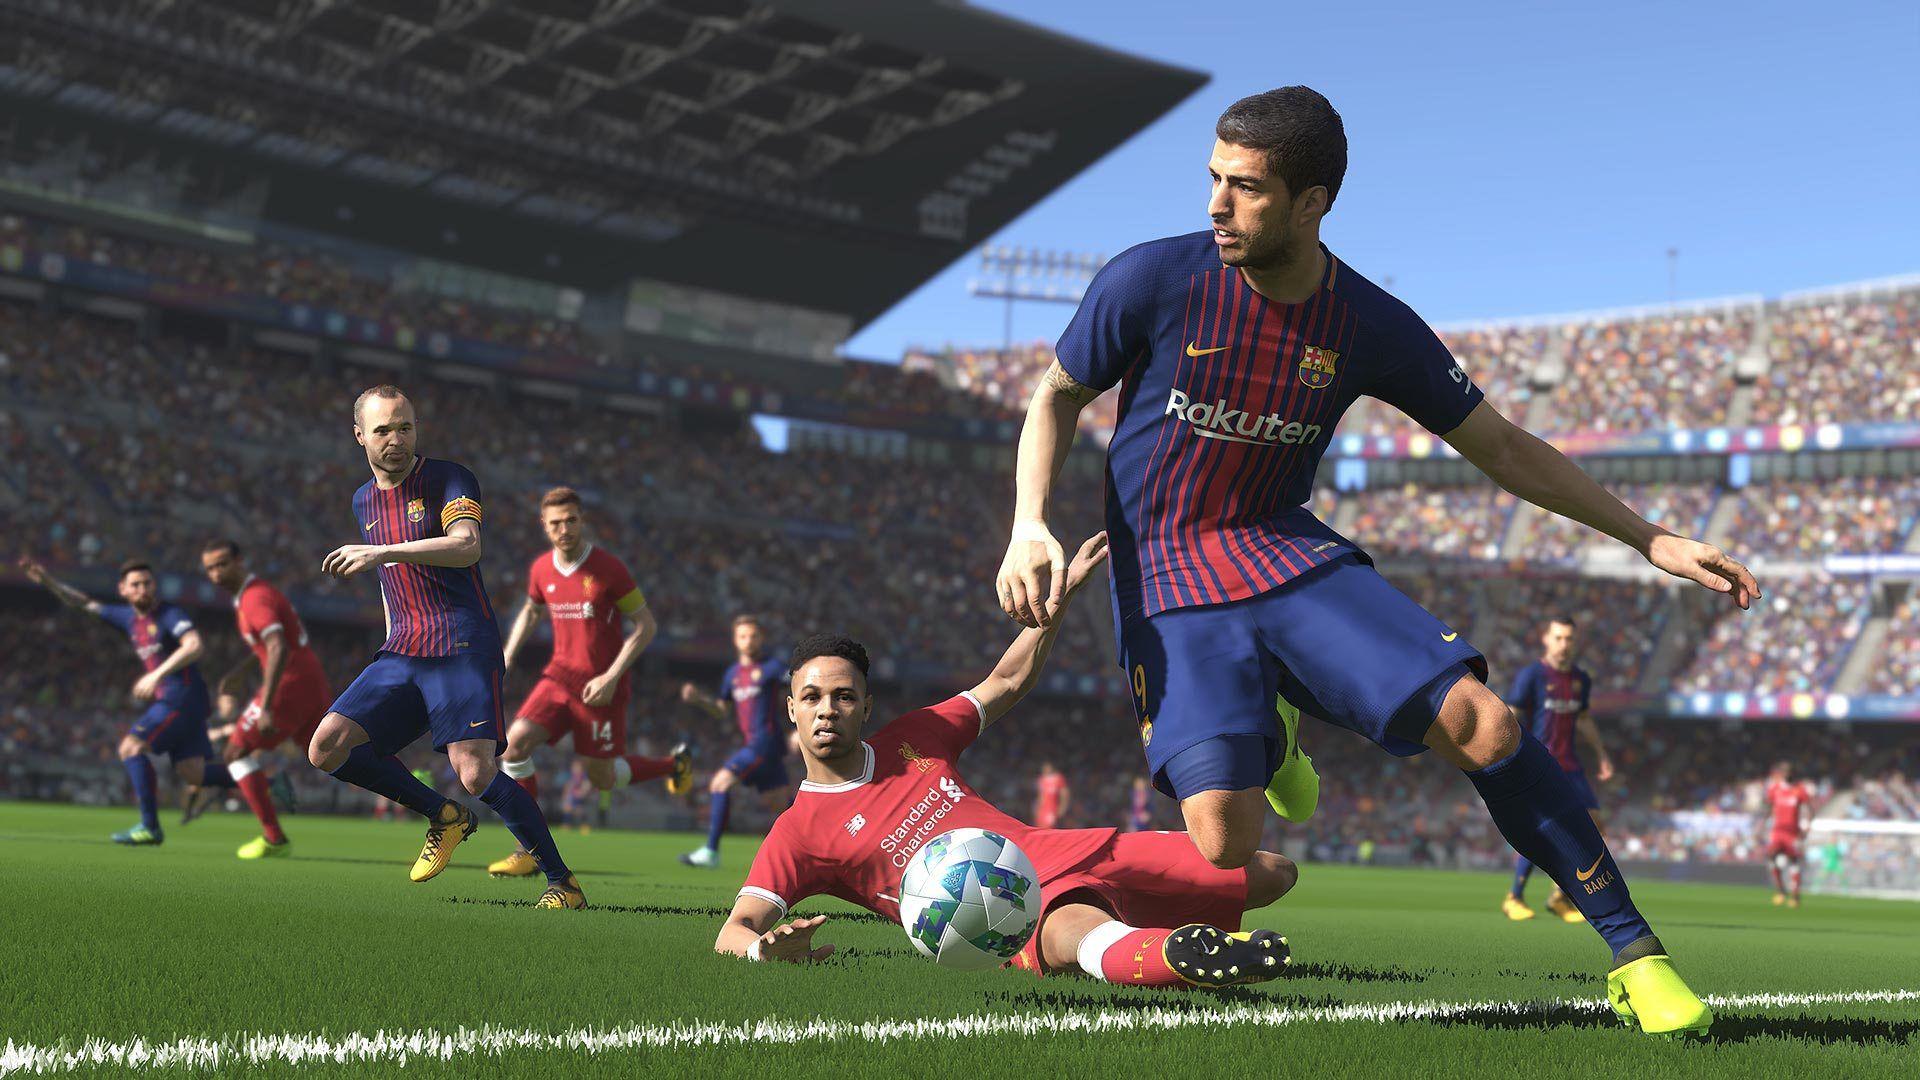 Pro Evolution Soccer 2019 - Pes 19 - Ps4 - Konami - FL SHOP - Games